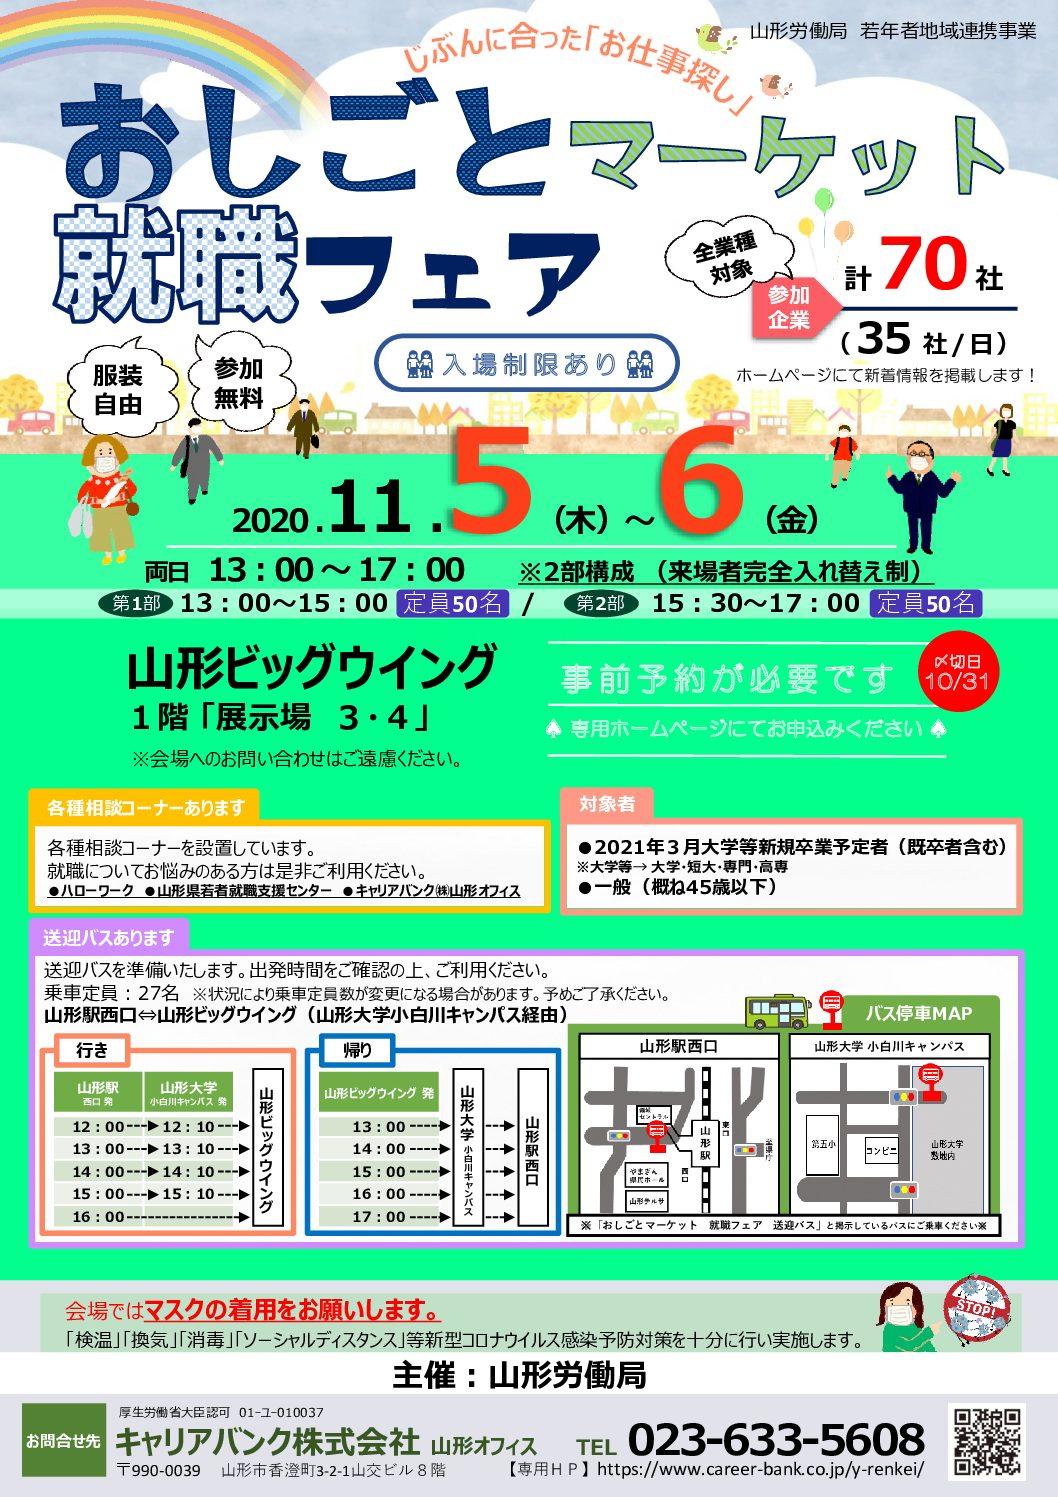 (11月5日・6日・対面開催) おしごとマーケット 就職フェア